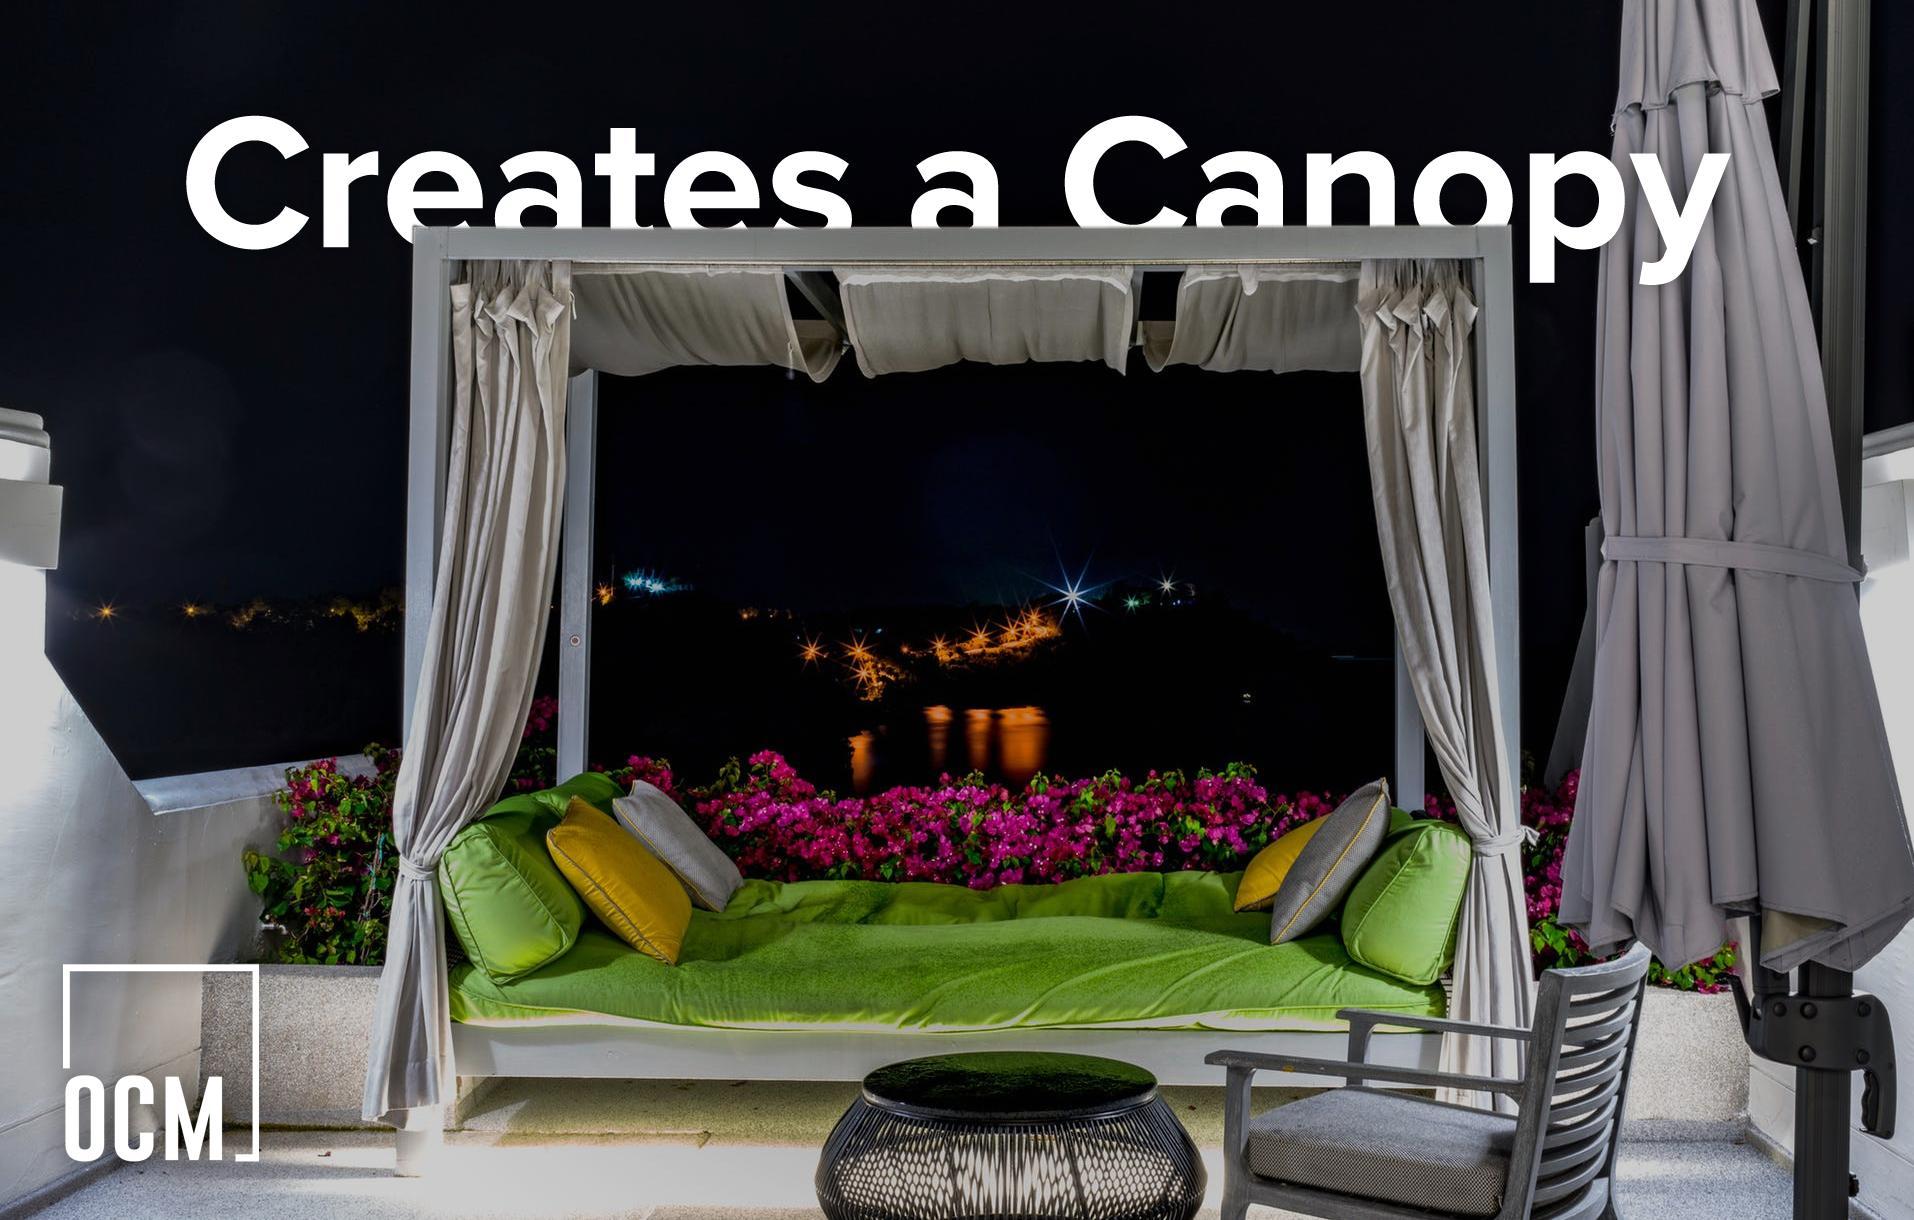 Creates a Canopy